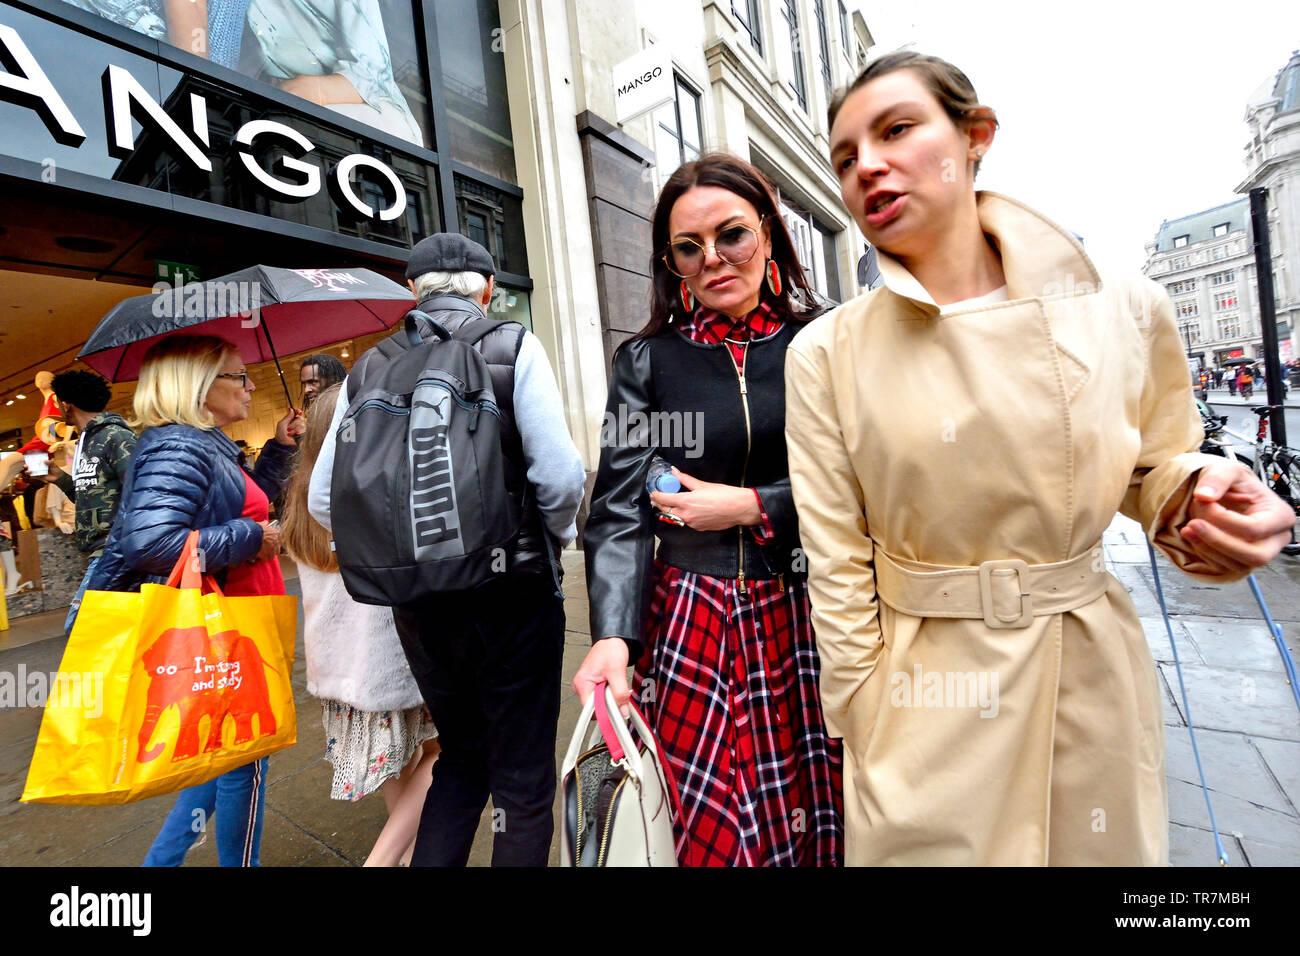 London, England, UK. Leute, Shopping in der Oxford Street an einem regnerischen Tag Stockbild